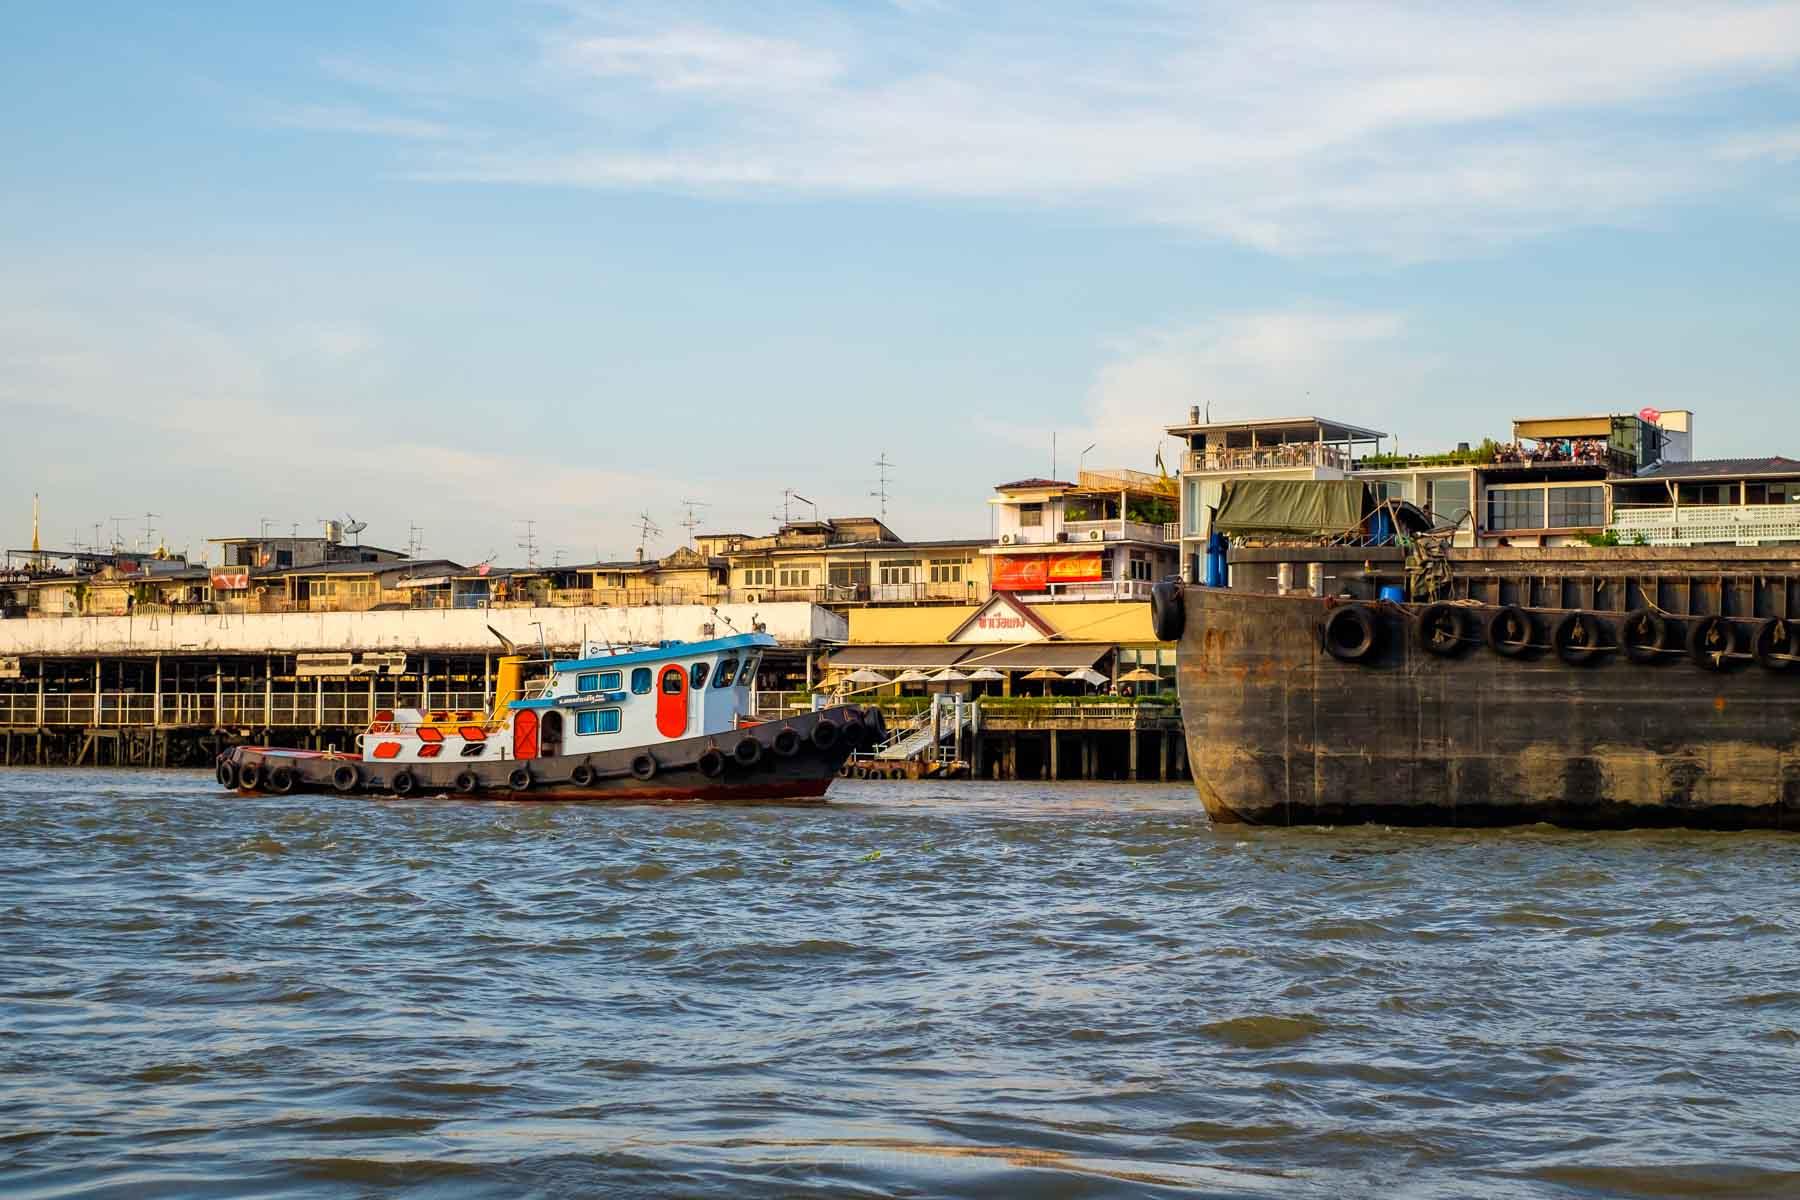 Boats Bangkok Thailand